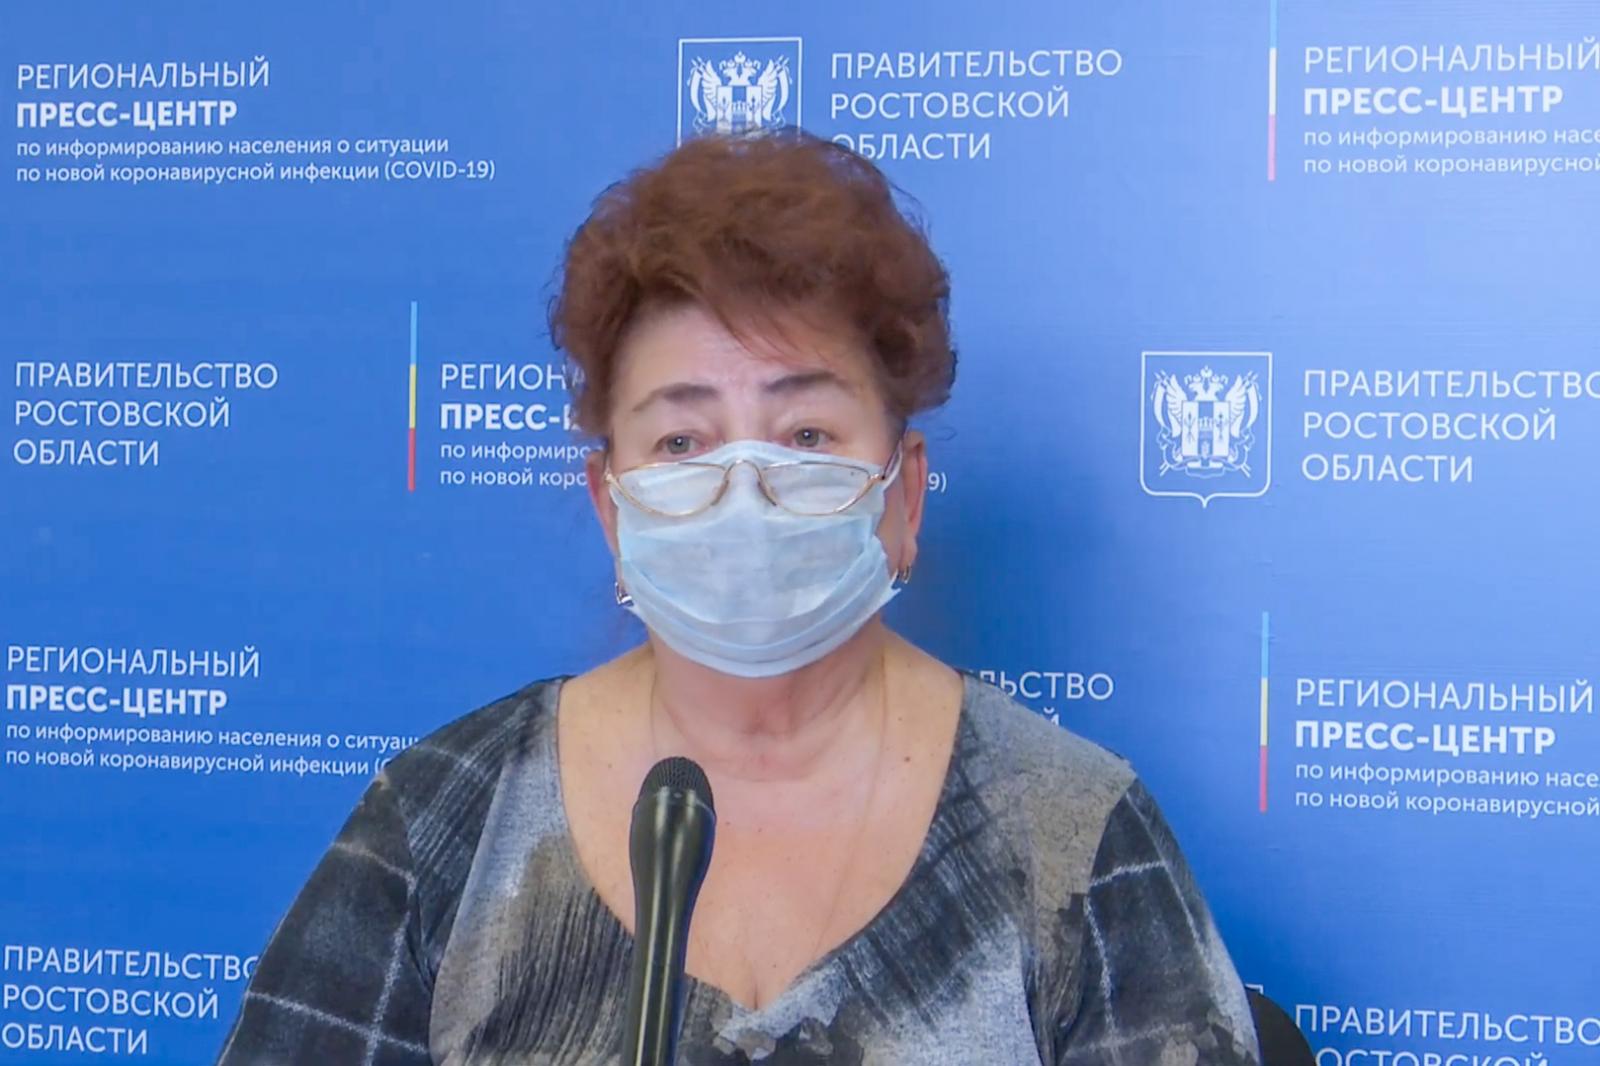 Врач-эпидемиолог: санитарные меры необходимы